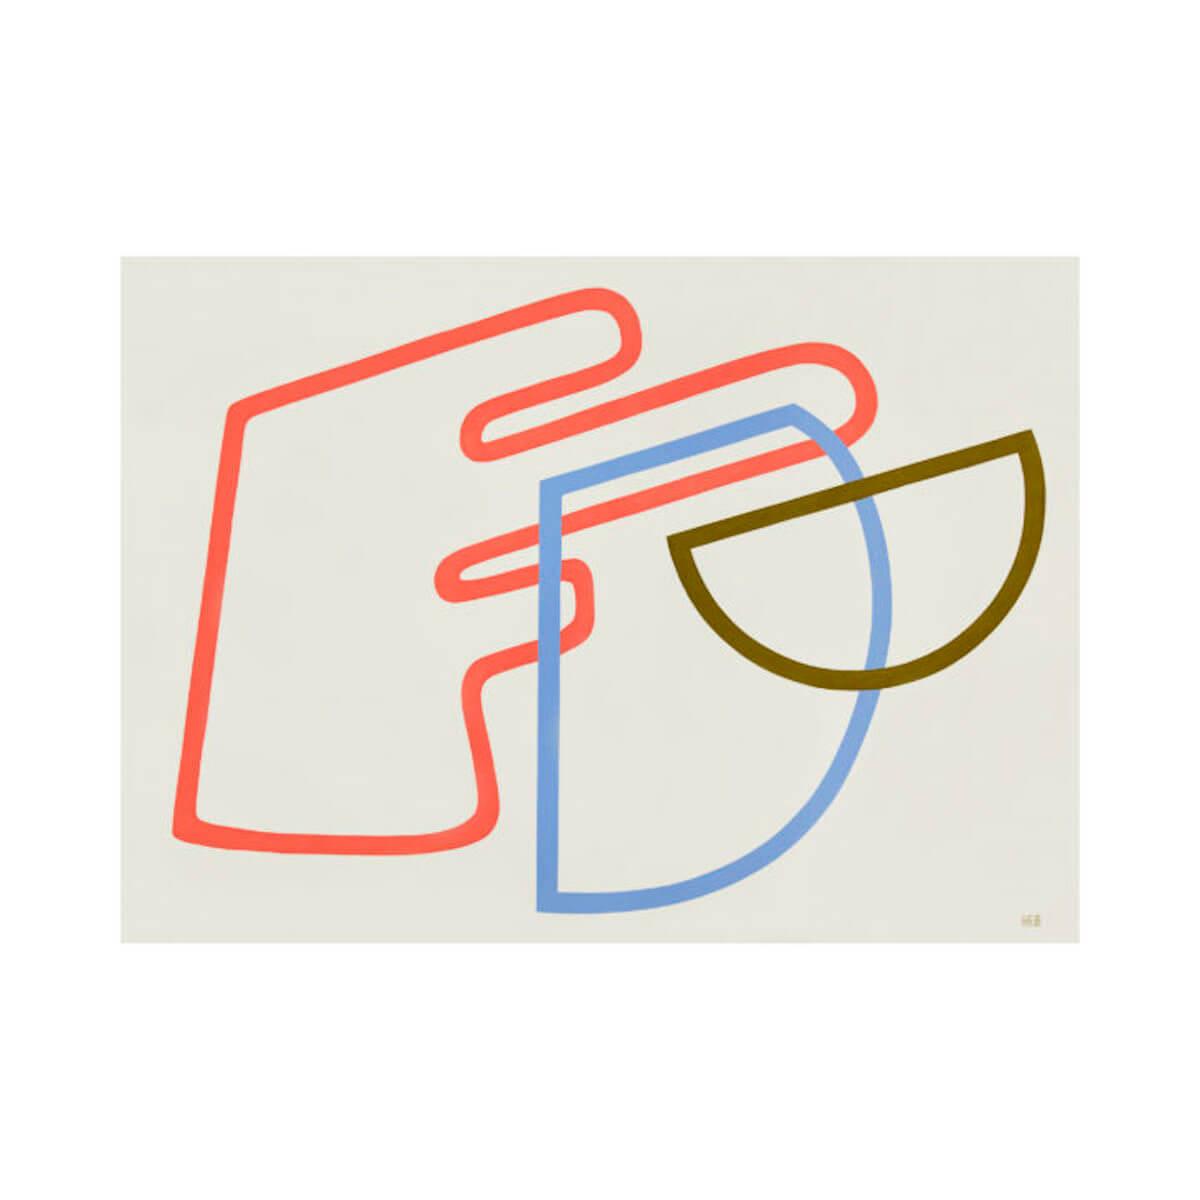 ゴールド・パンダ&ジャス(シミアン・モバイル・ディスコ)によるデュオがアルバム『On Reflection』をリリース! music181016_selling_2